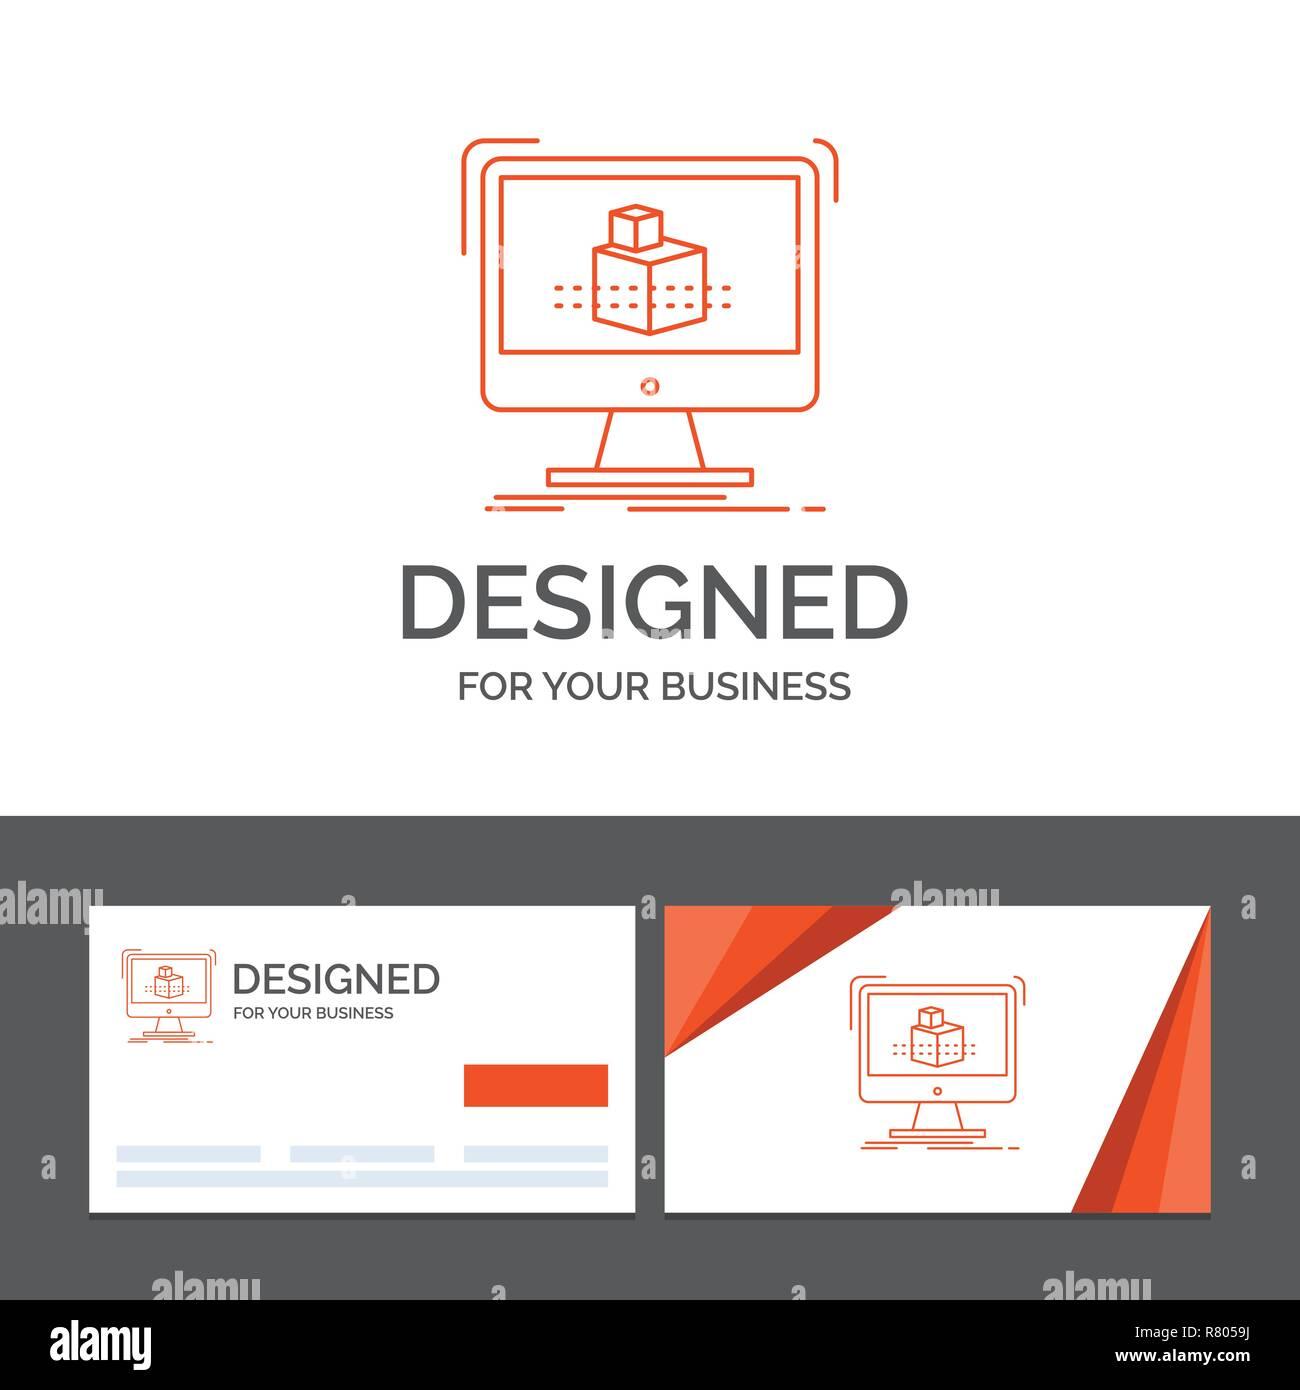 Logo Dentreprise Modele Pour 3d Cube Dimensions La Modelisation Lesquisse Cartes De Visite Orange Avec Marque Template